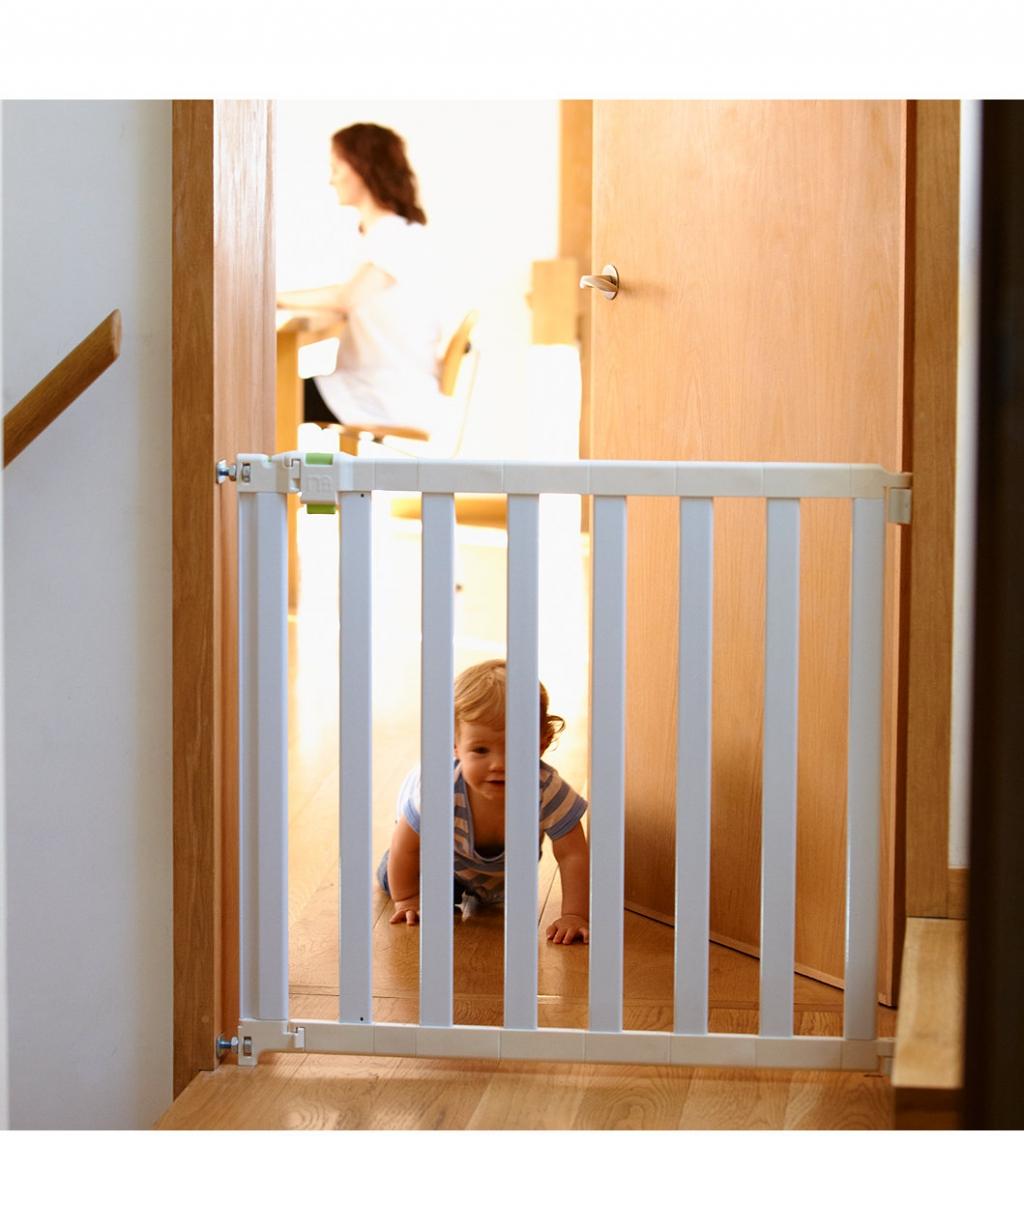 Ворота безопасности для детей Как сделать ворота безопасности для ребенка